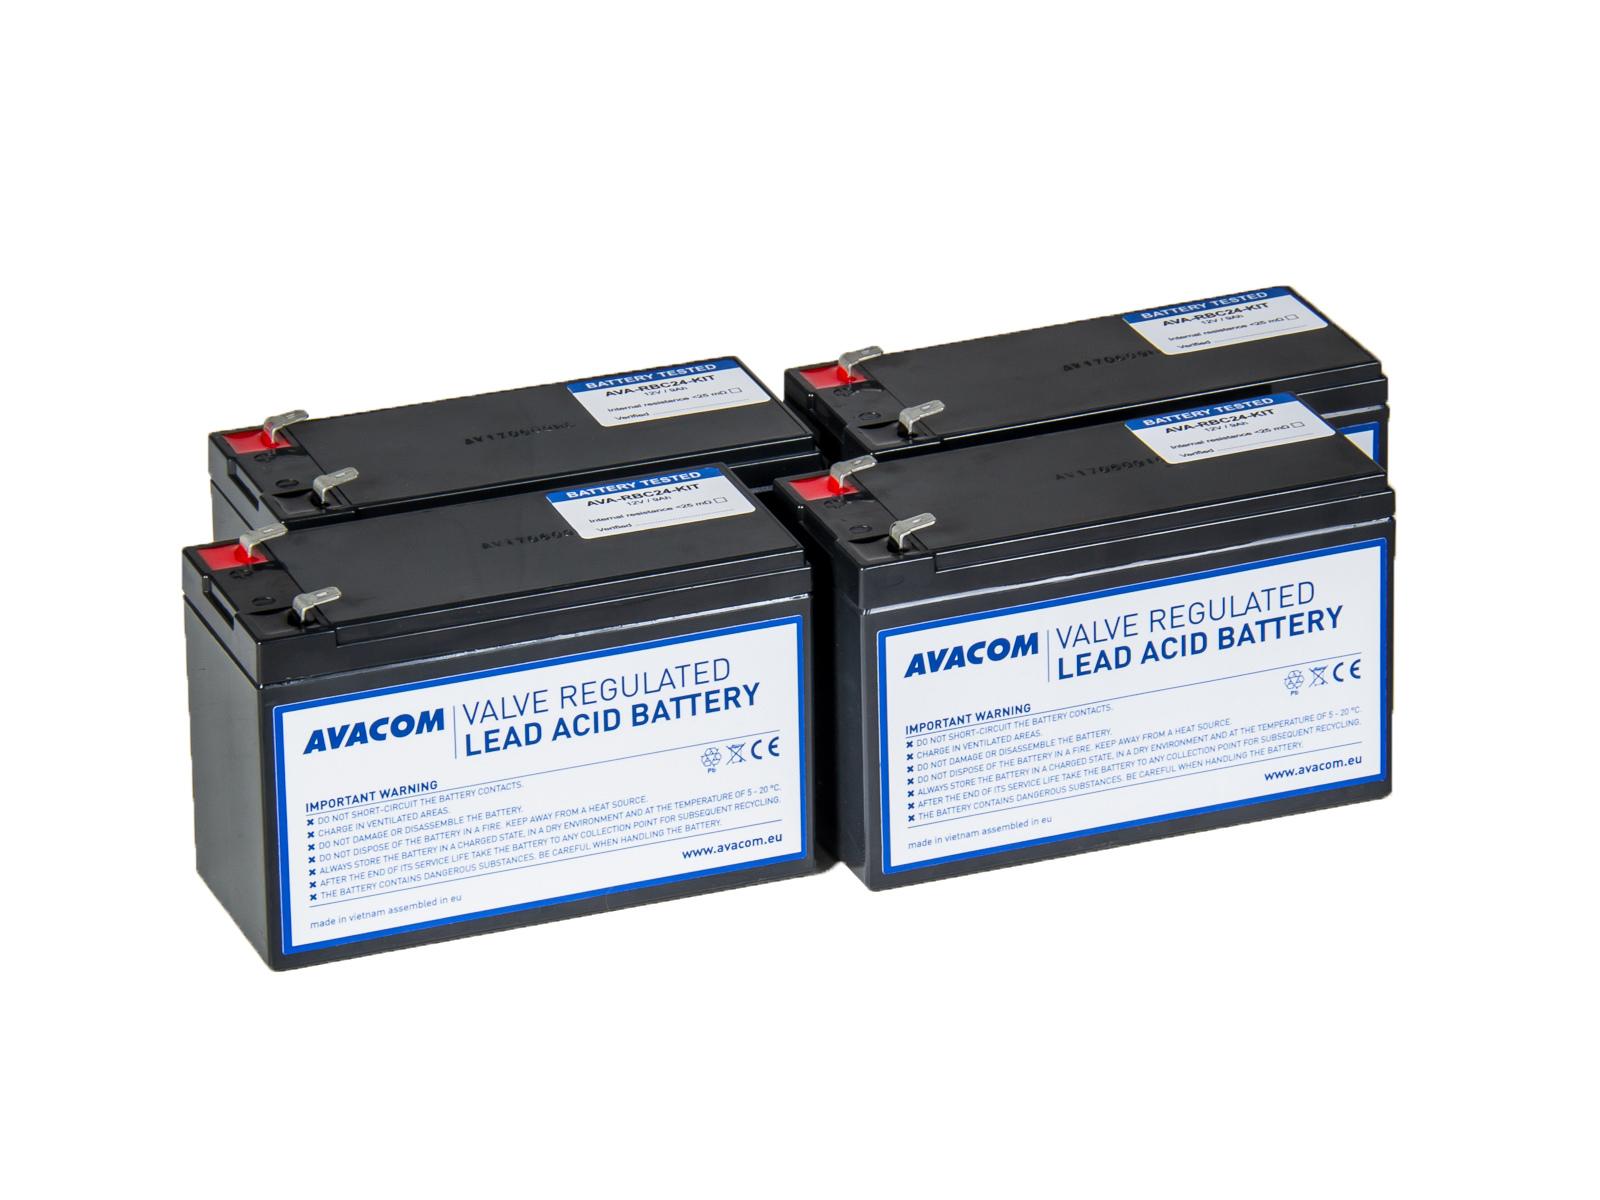 Bateriový kit AVACOM AVA-RBC24-KIT náhrada pro renovaci RBC24 (4ks baterií) - AVA-RBC24-KIT